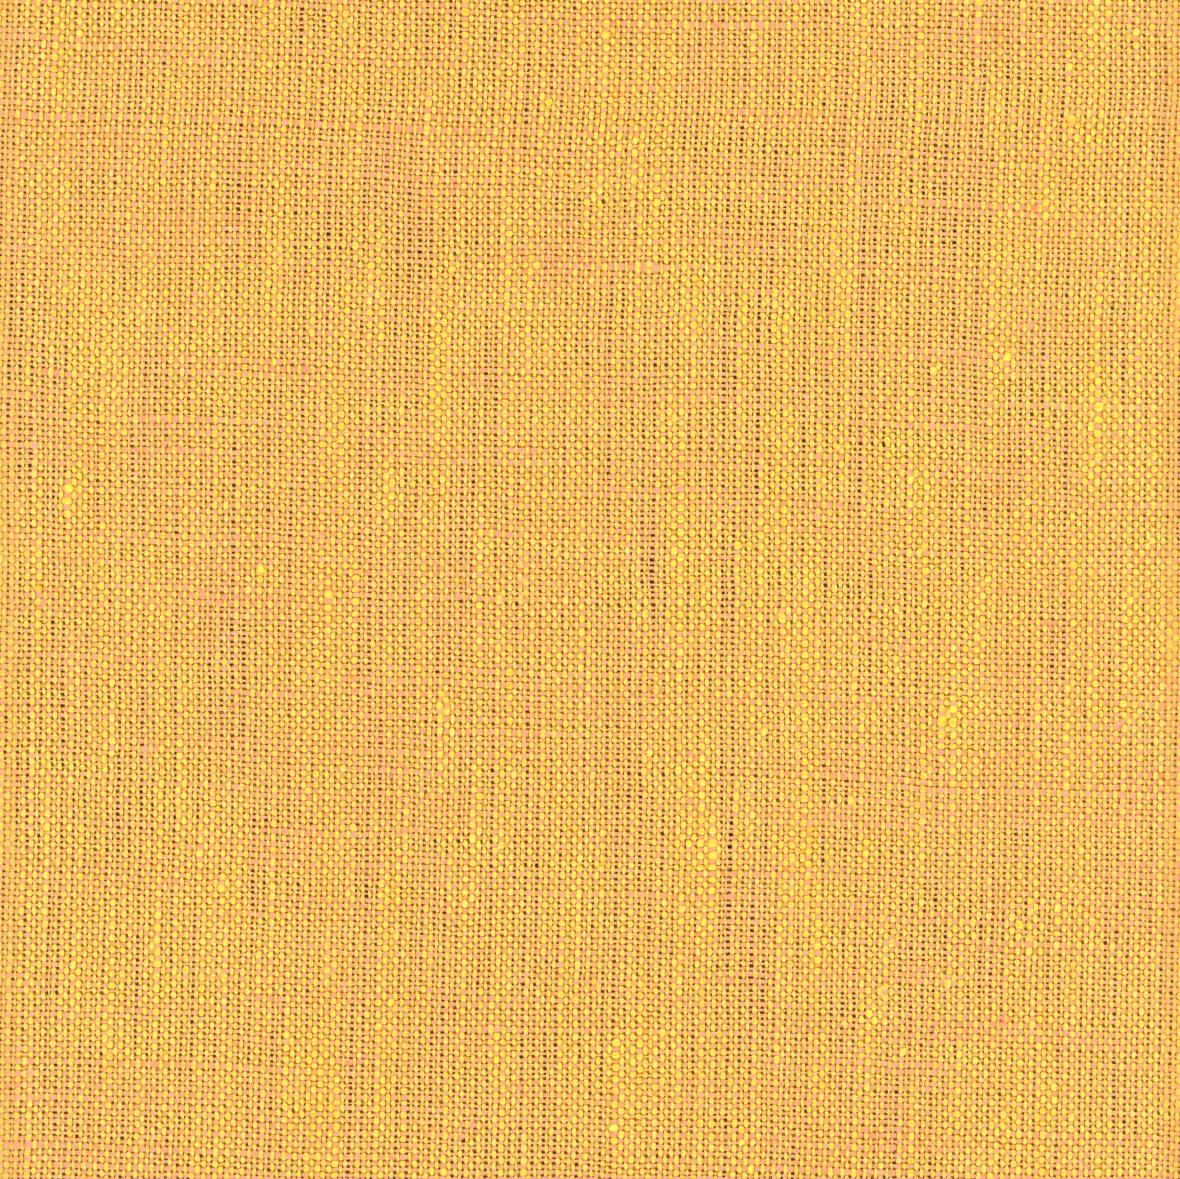 CERRO Gold/Brick